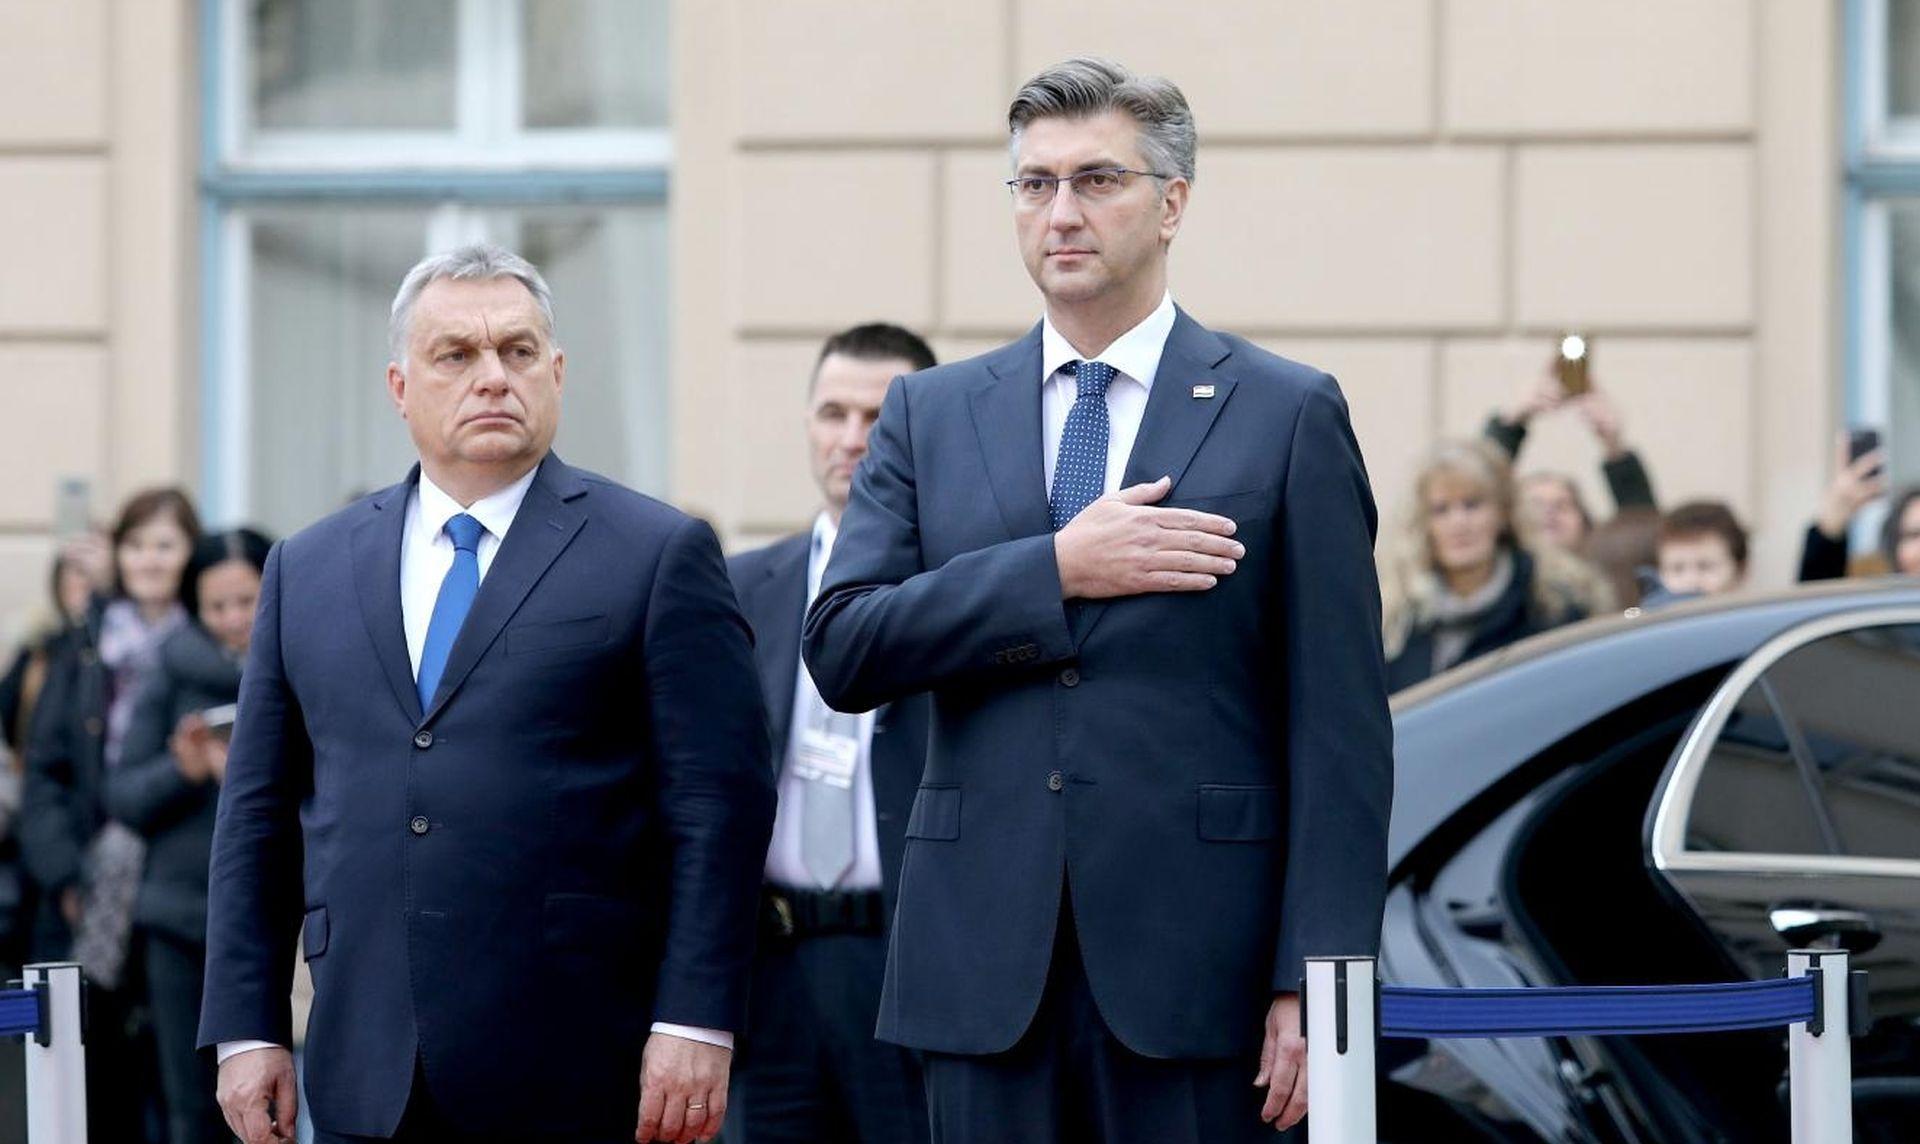 Orbánov zaokret: 'Tjeralica za Hernádijem pravno je pitanje'